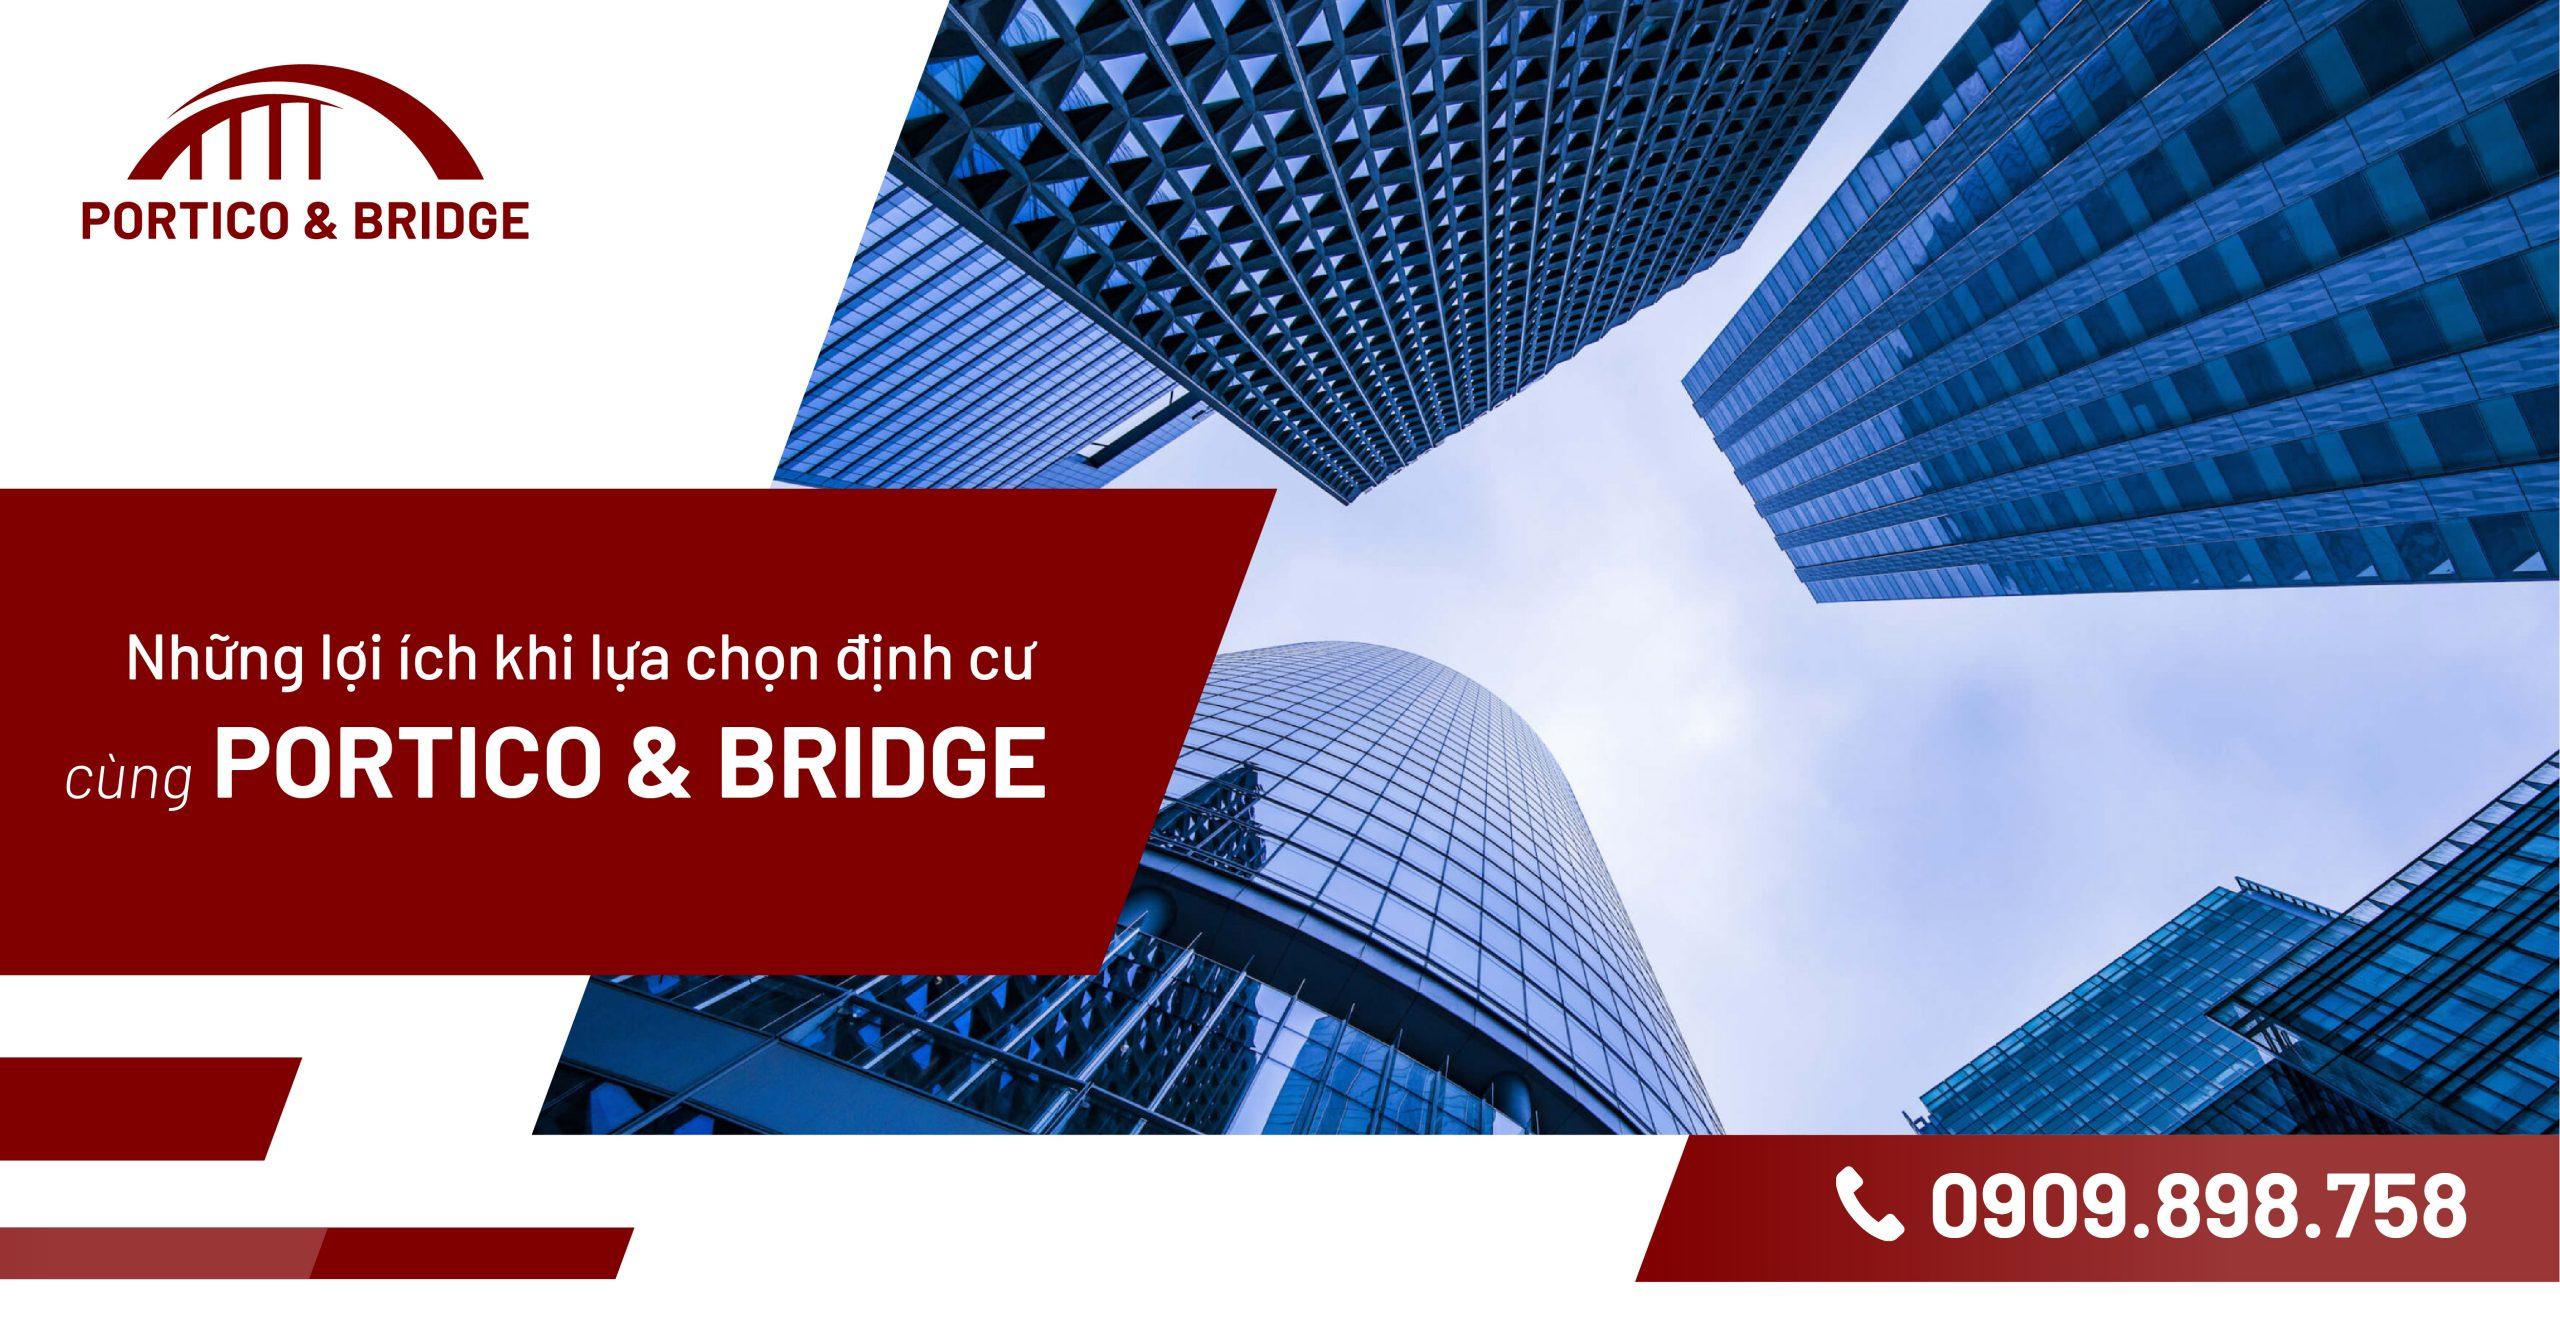 định cư Portico & Bridge